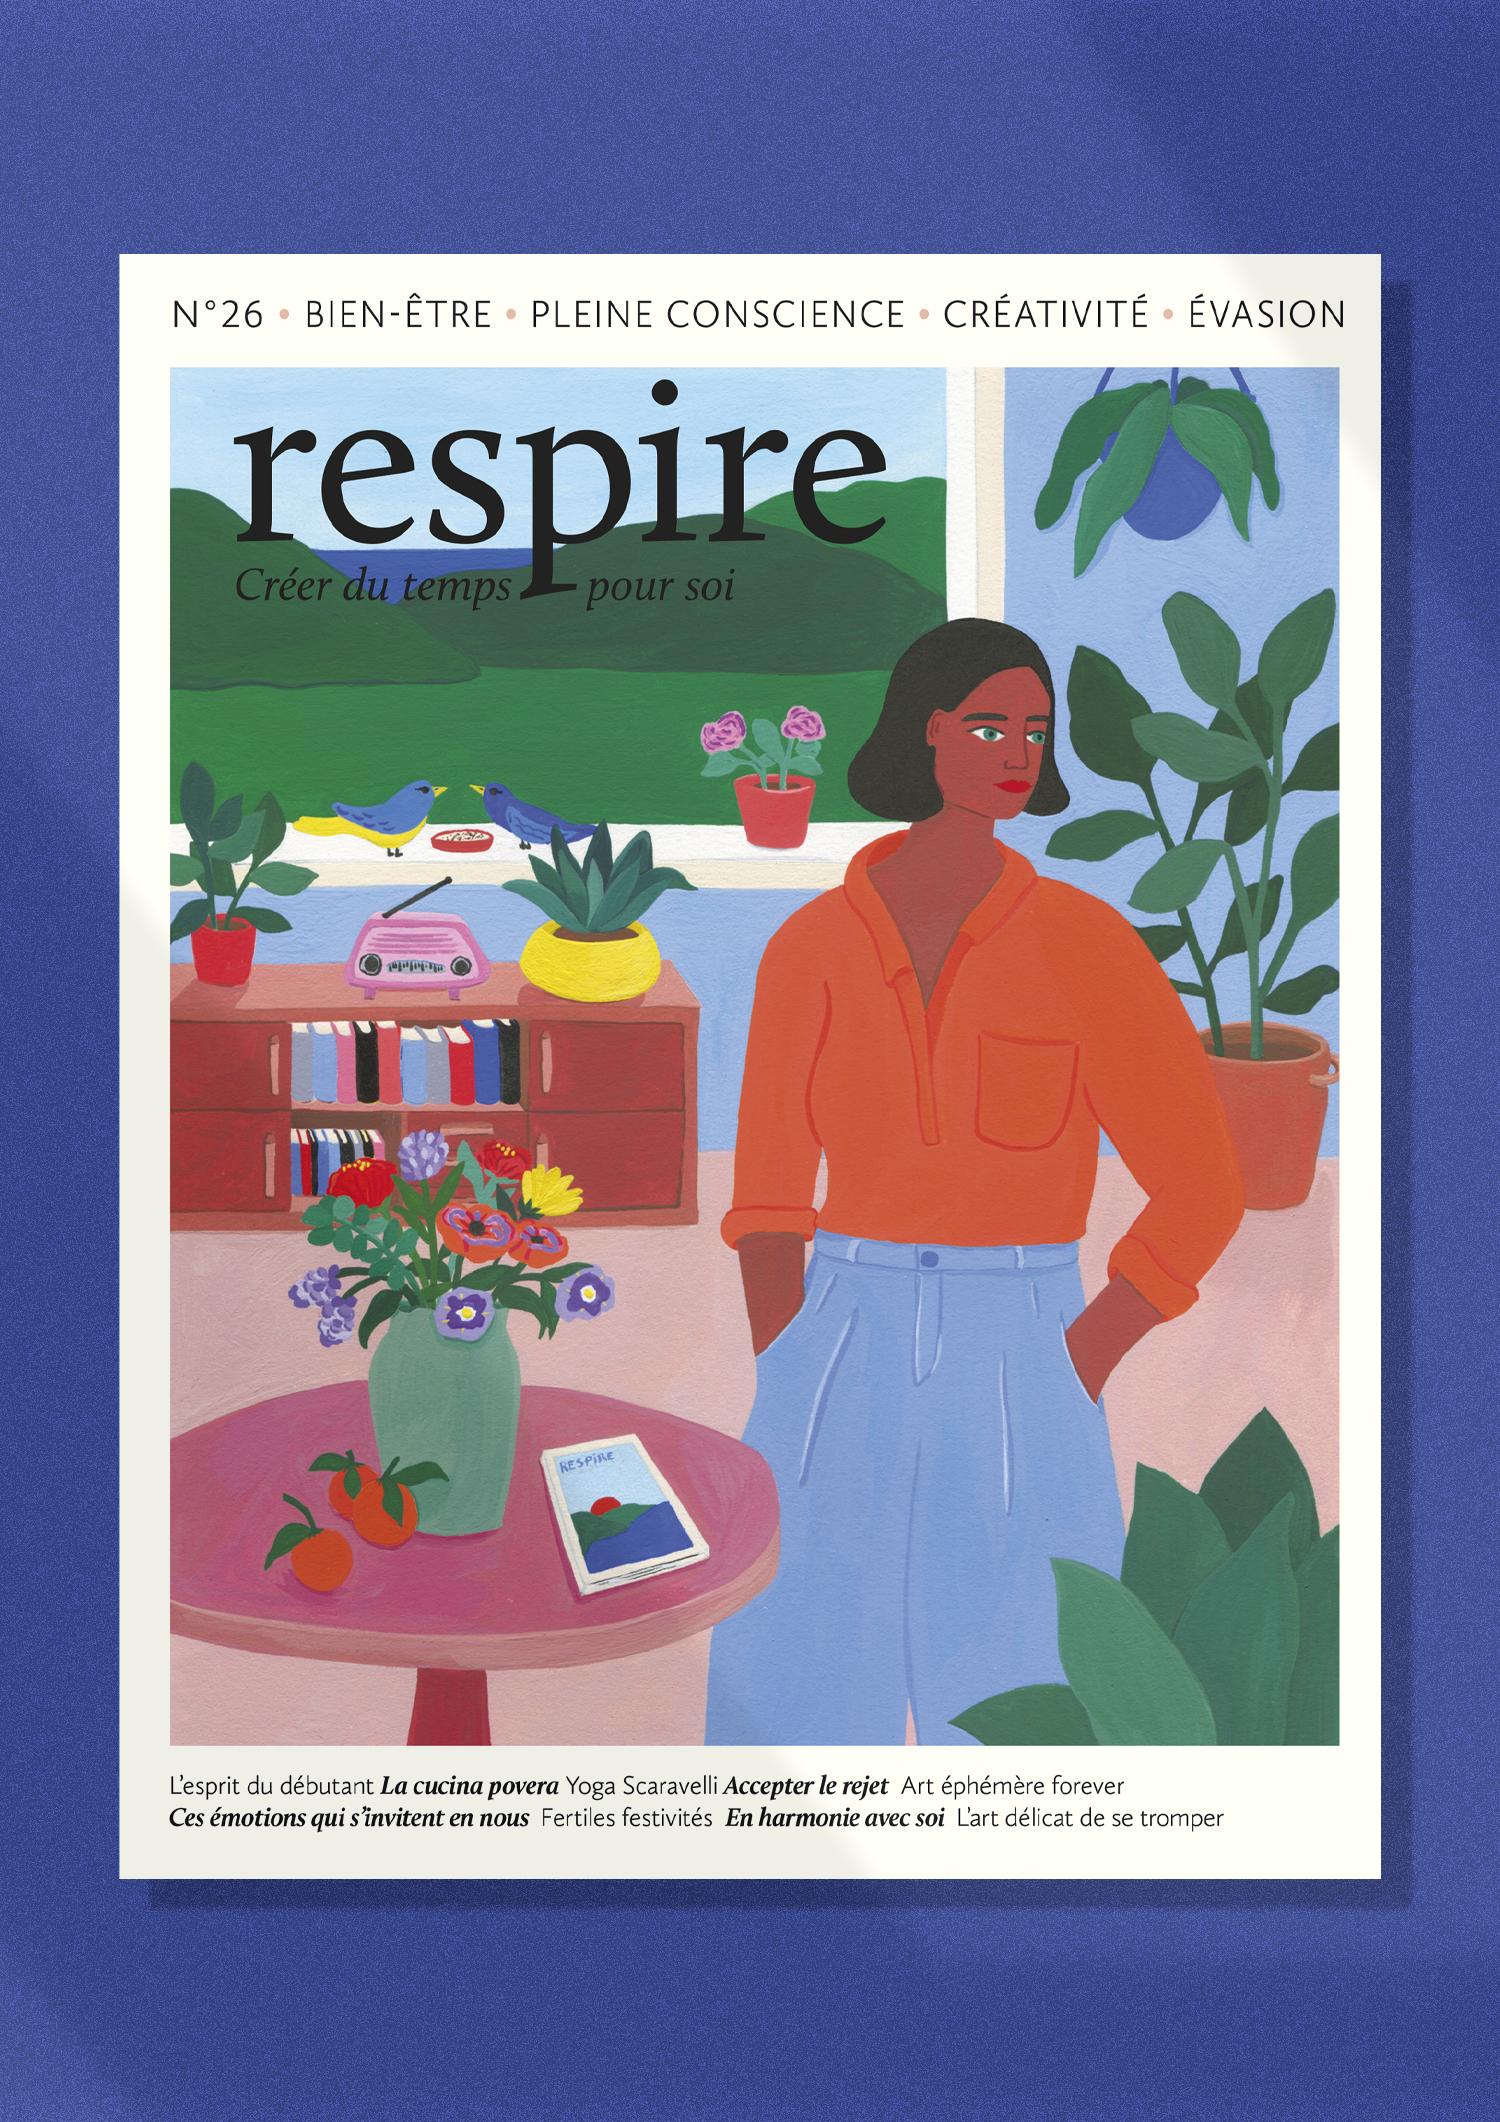 Respire - Edition - illustration - Marie Pellet - presse - éditorial - couverture - Une - printemps - nature - femme - plantes - fleurs - oiseaux